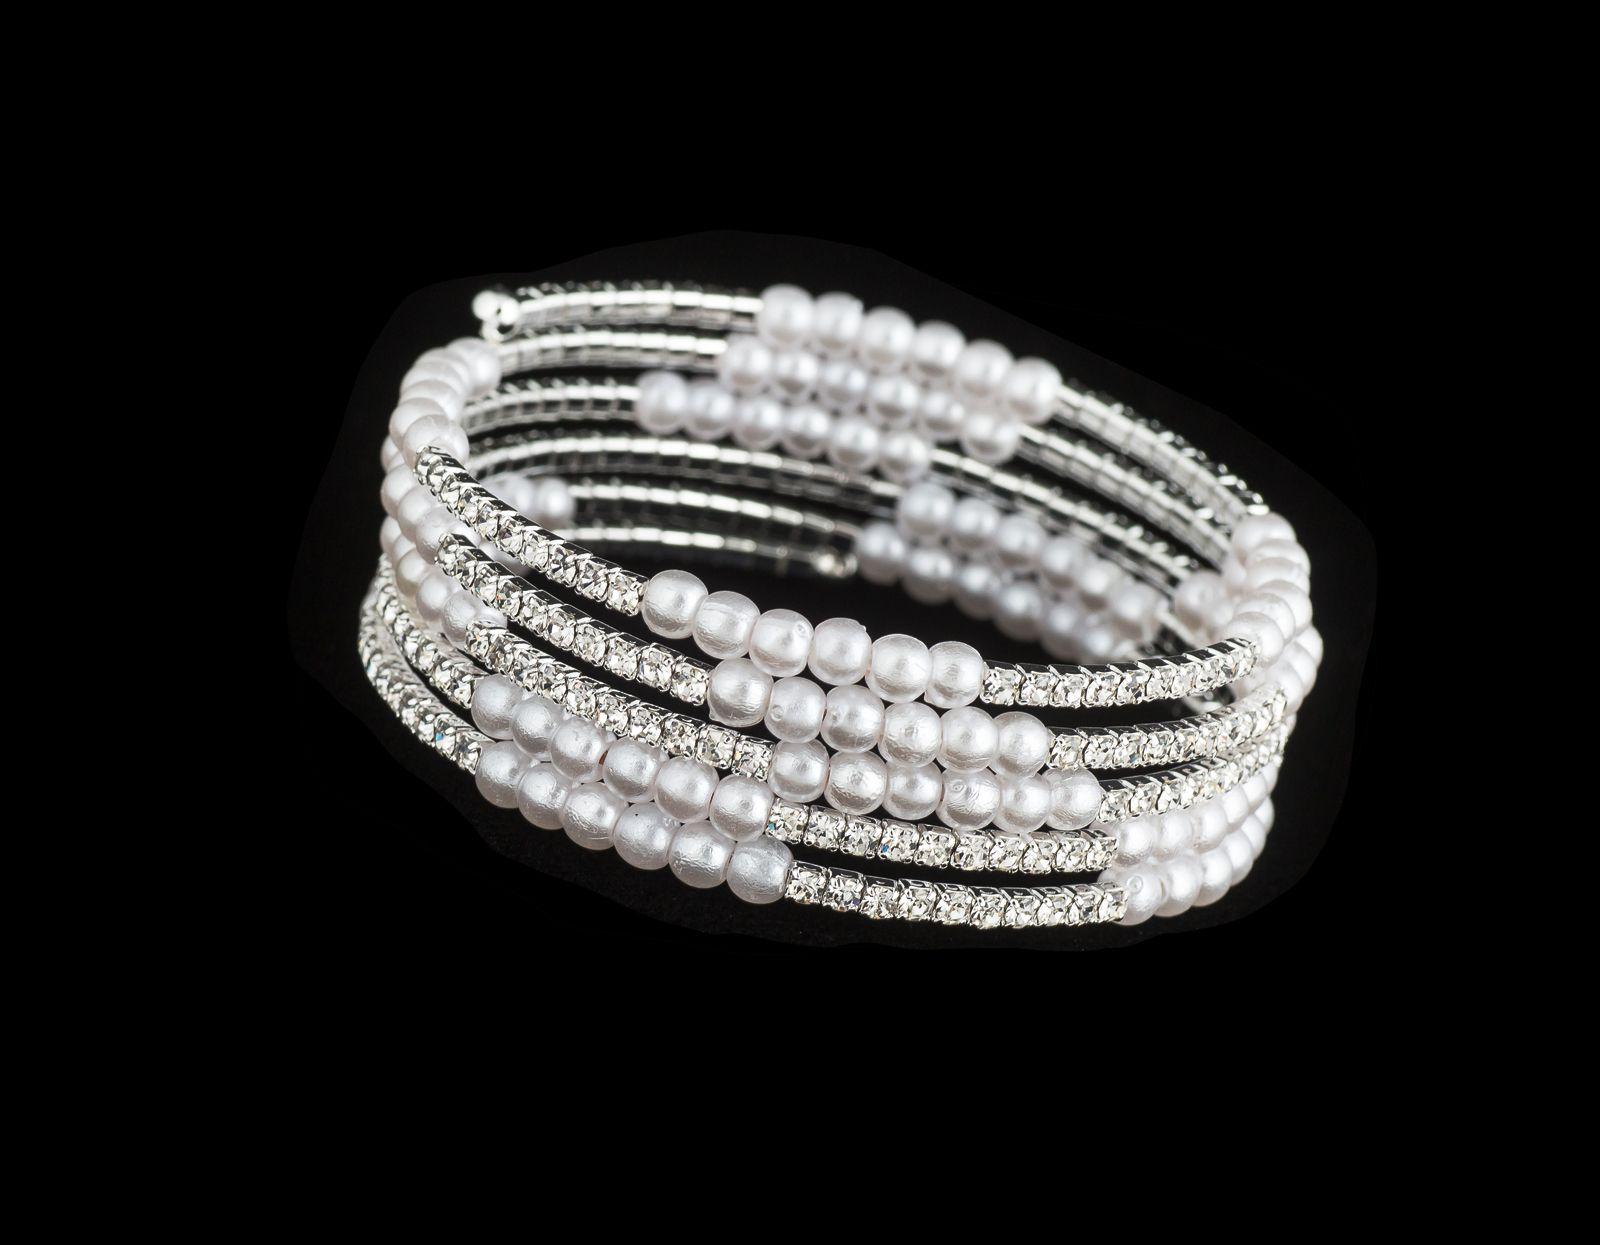 Bridal classics necklace sets mj 259 - Me 1172 Bridal Classics